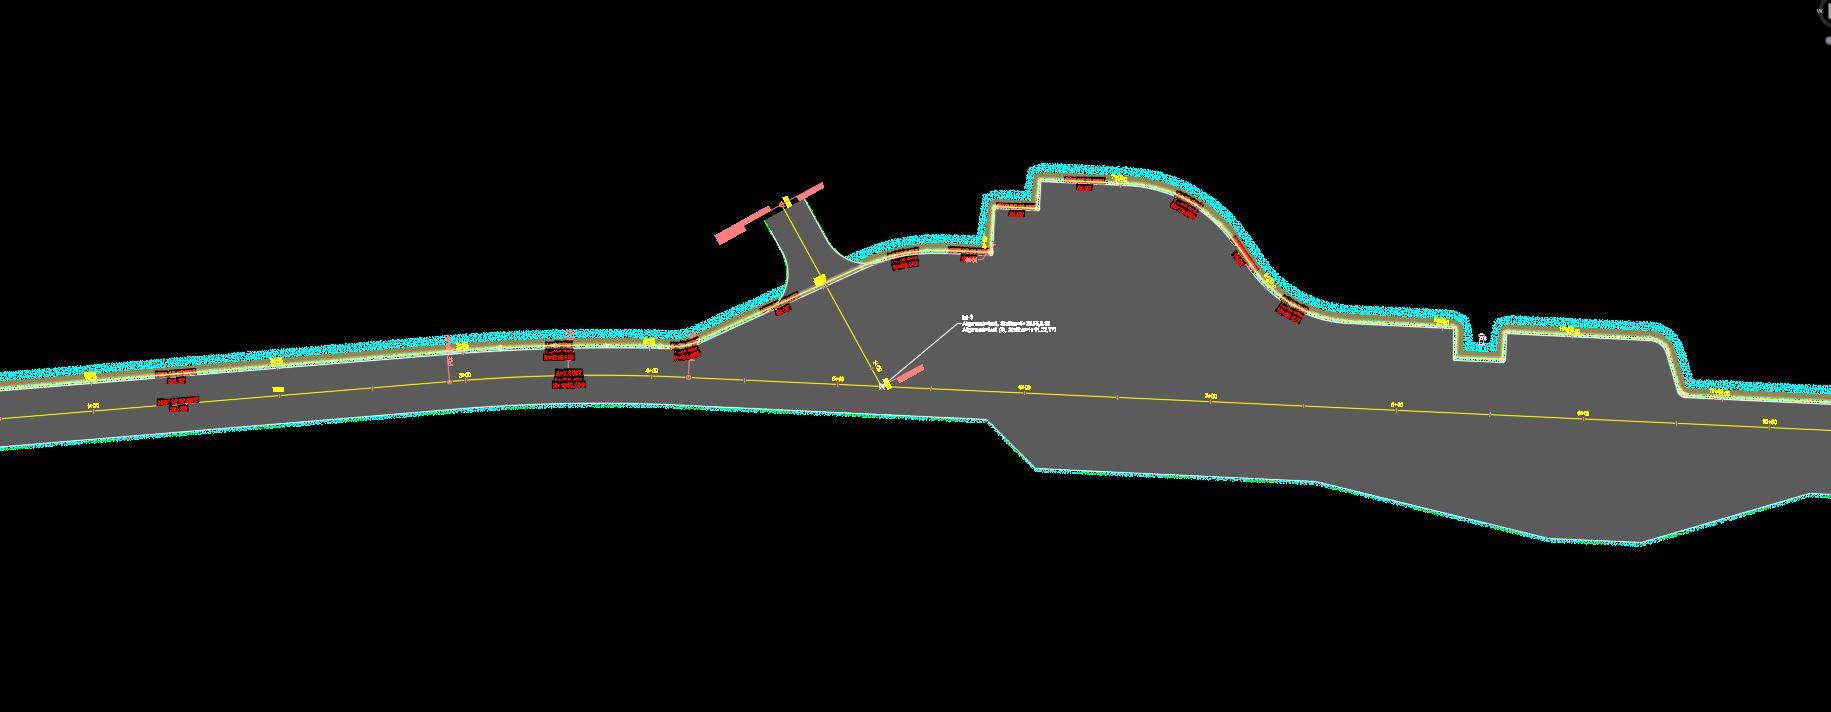 Roadway layout design in Civil3d - Autodesk Community- Civil 3D